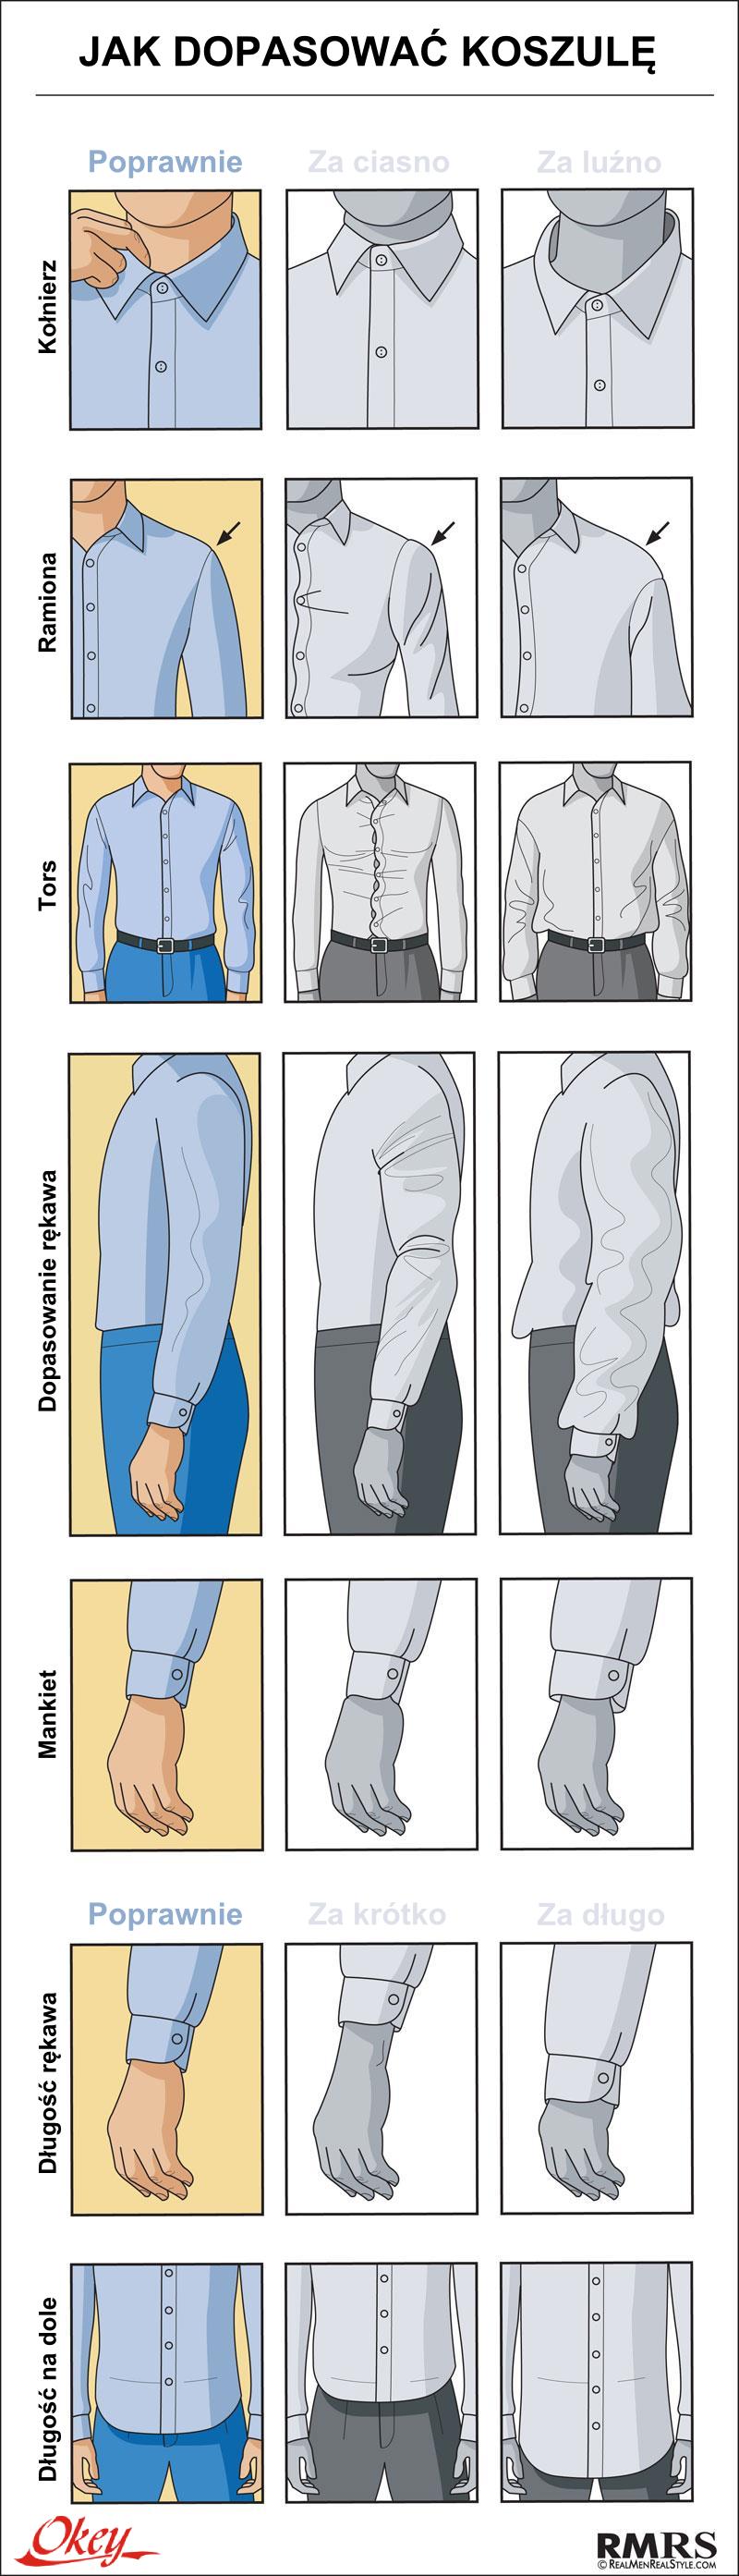 jak dopasować koszule długosć, szerokość